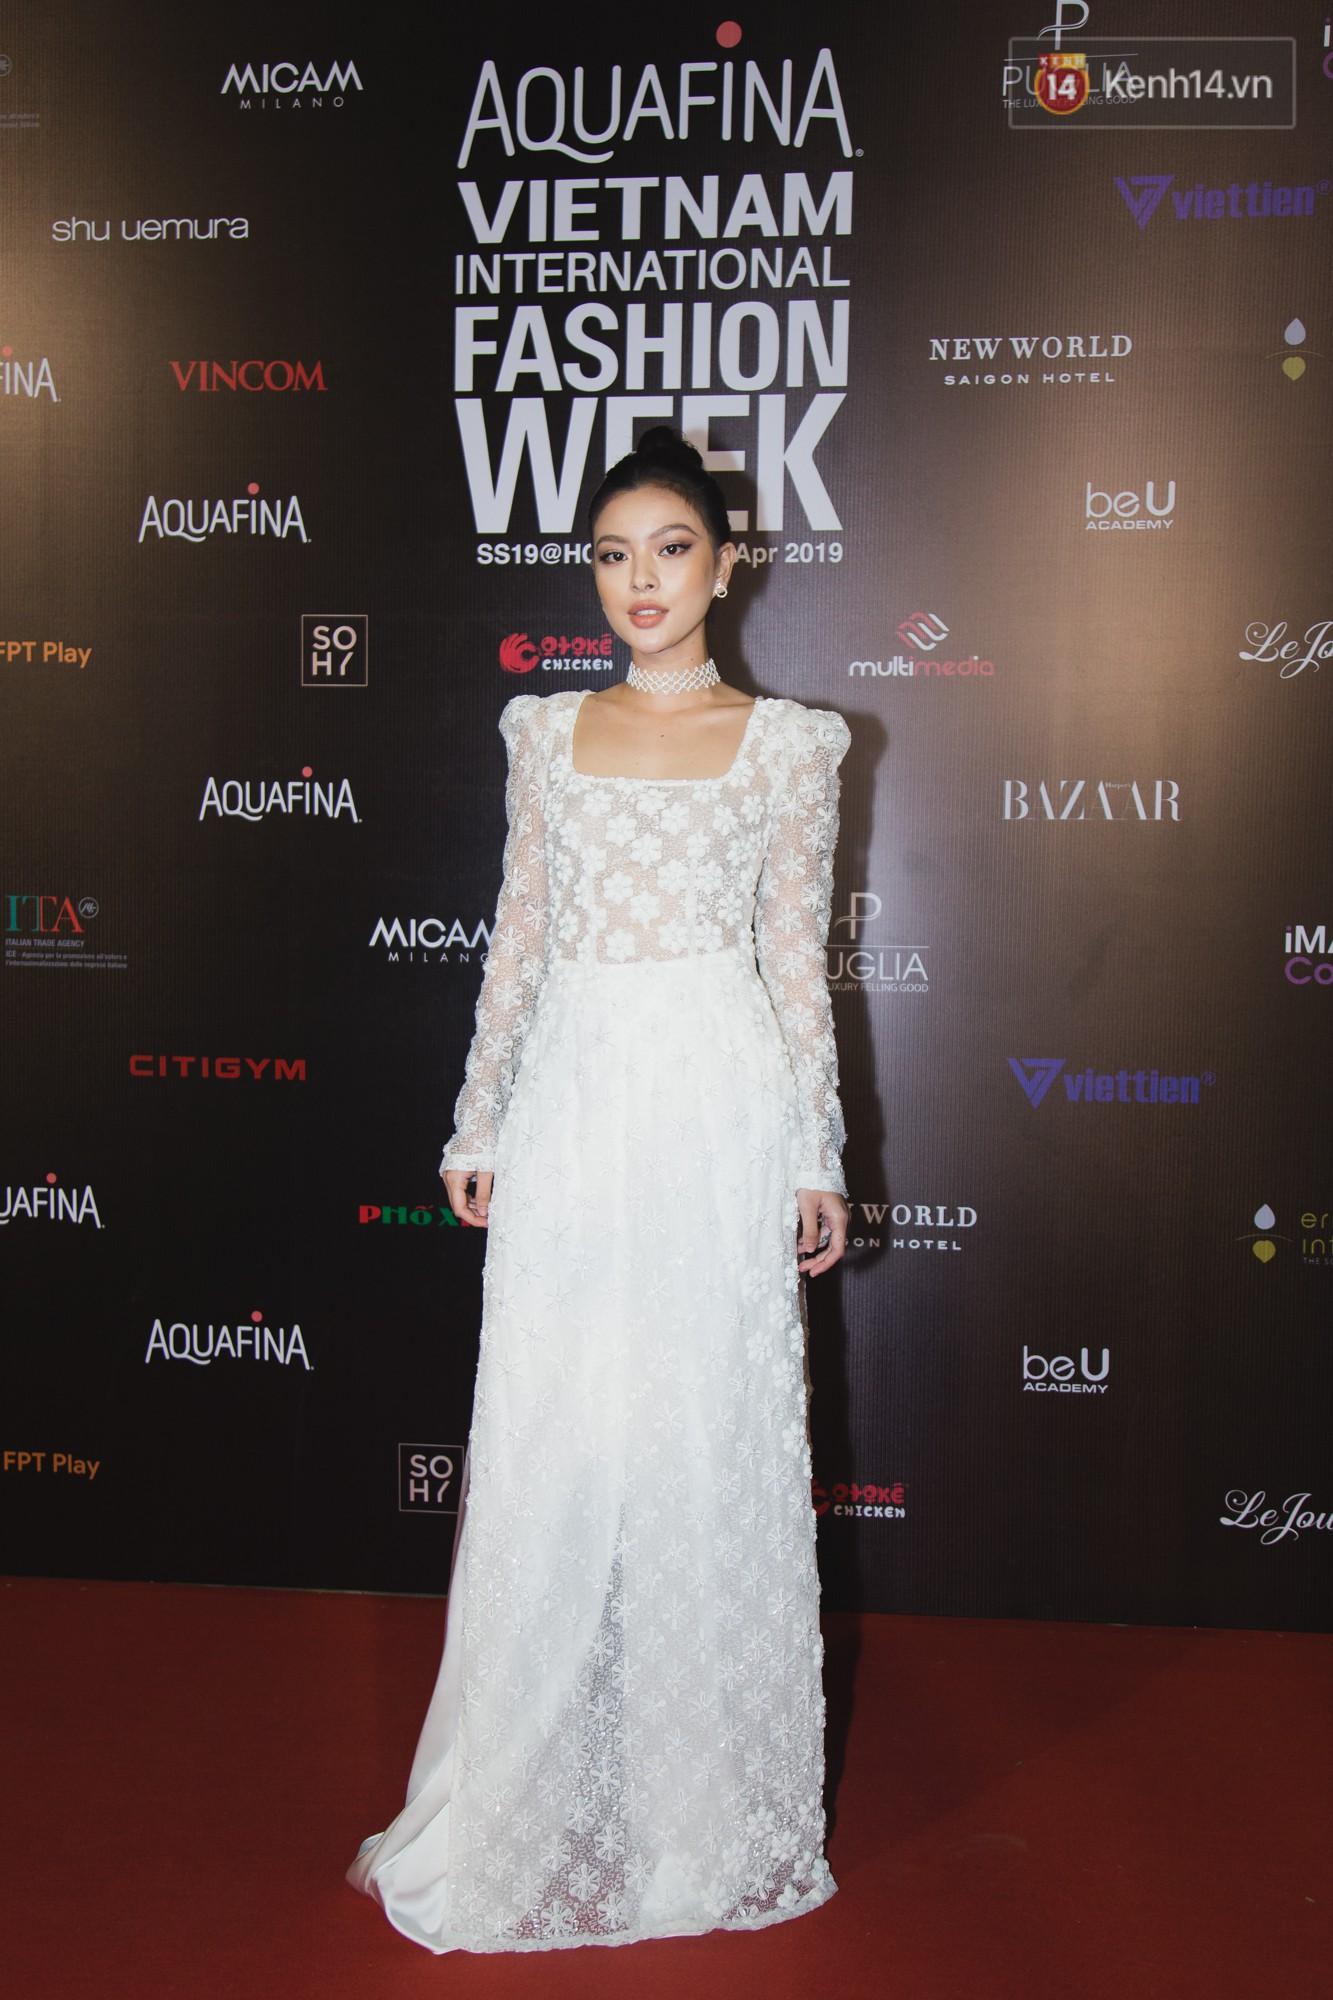 Linh Chi - Lâm Vinh Hải trông như cô dâu chú rể, Cindy Thái Tài lại hở bạo hết sức trên thảm đỏ Tuần lễ thời trang - Ảnh 8.